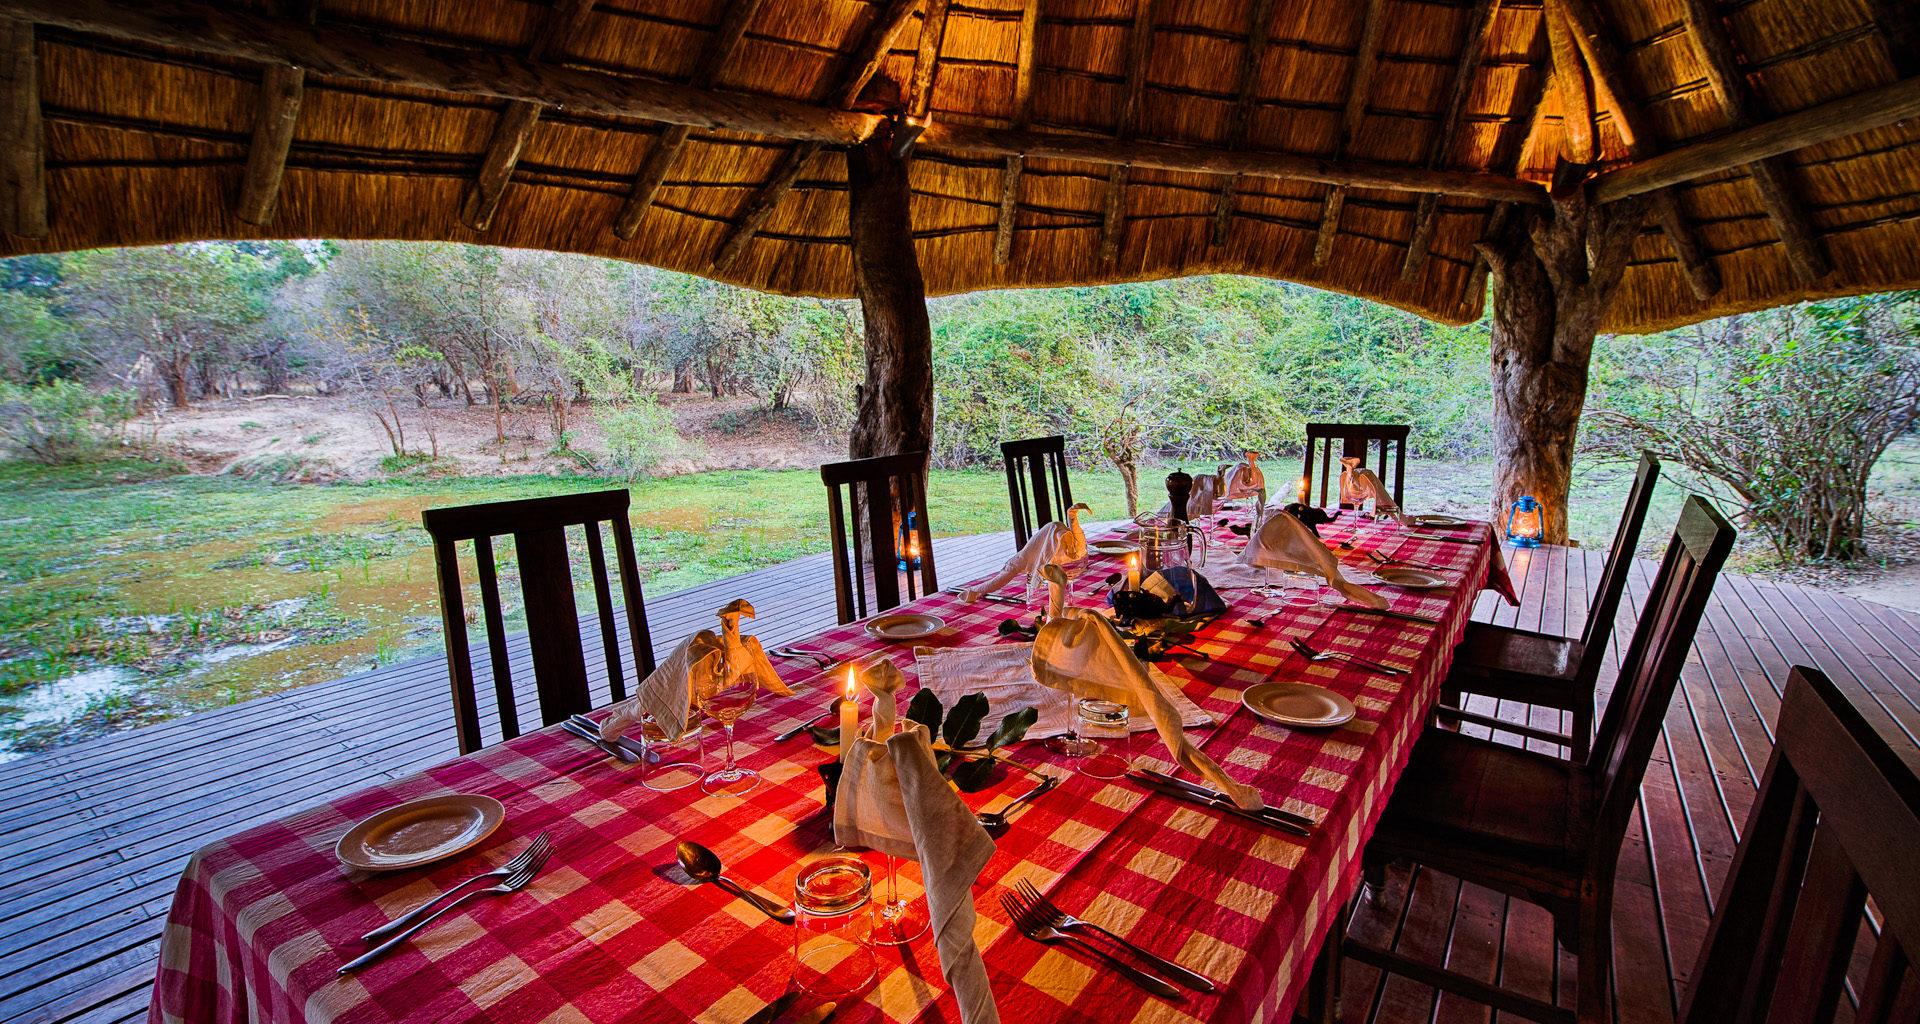 Nkwali Camp Zambia Dining